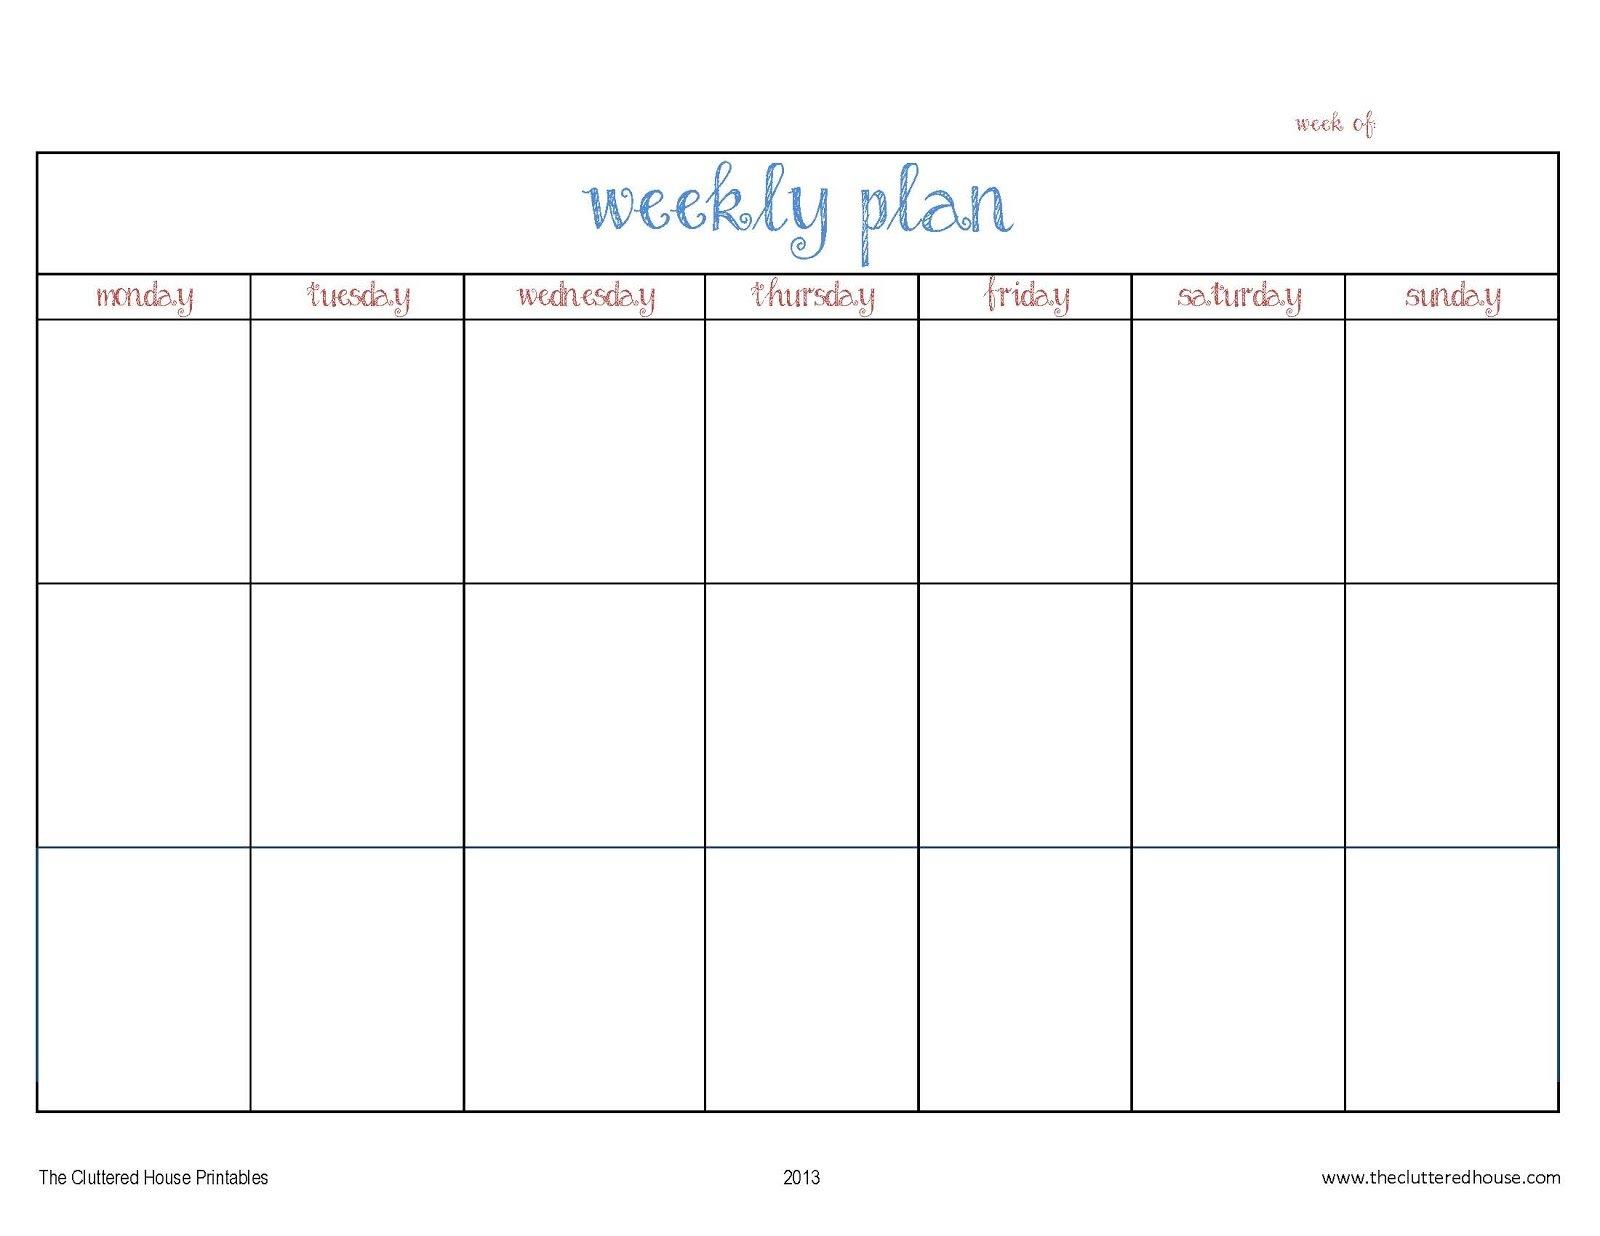 The Cluttered House: Weekly Planner Printable 4 Week Printable Calendar